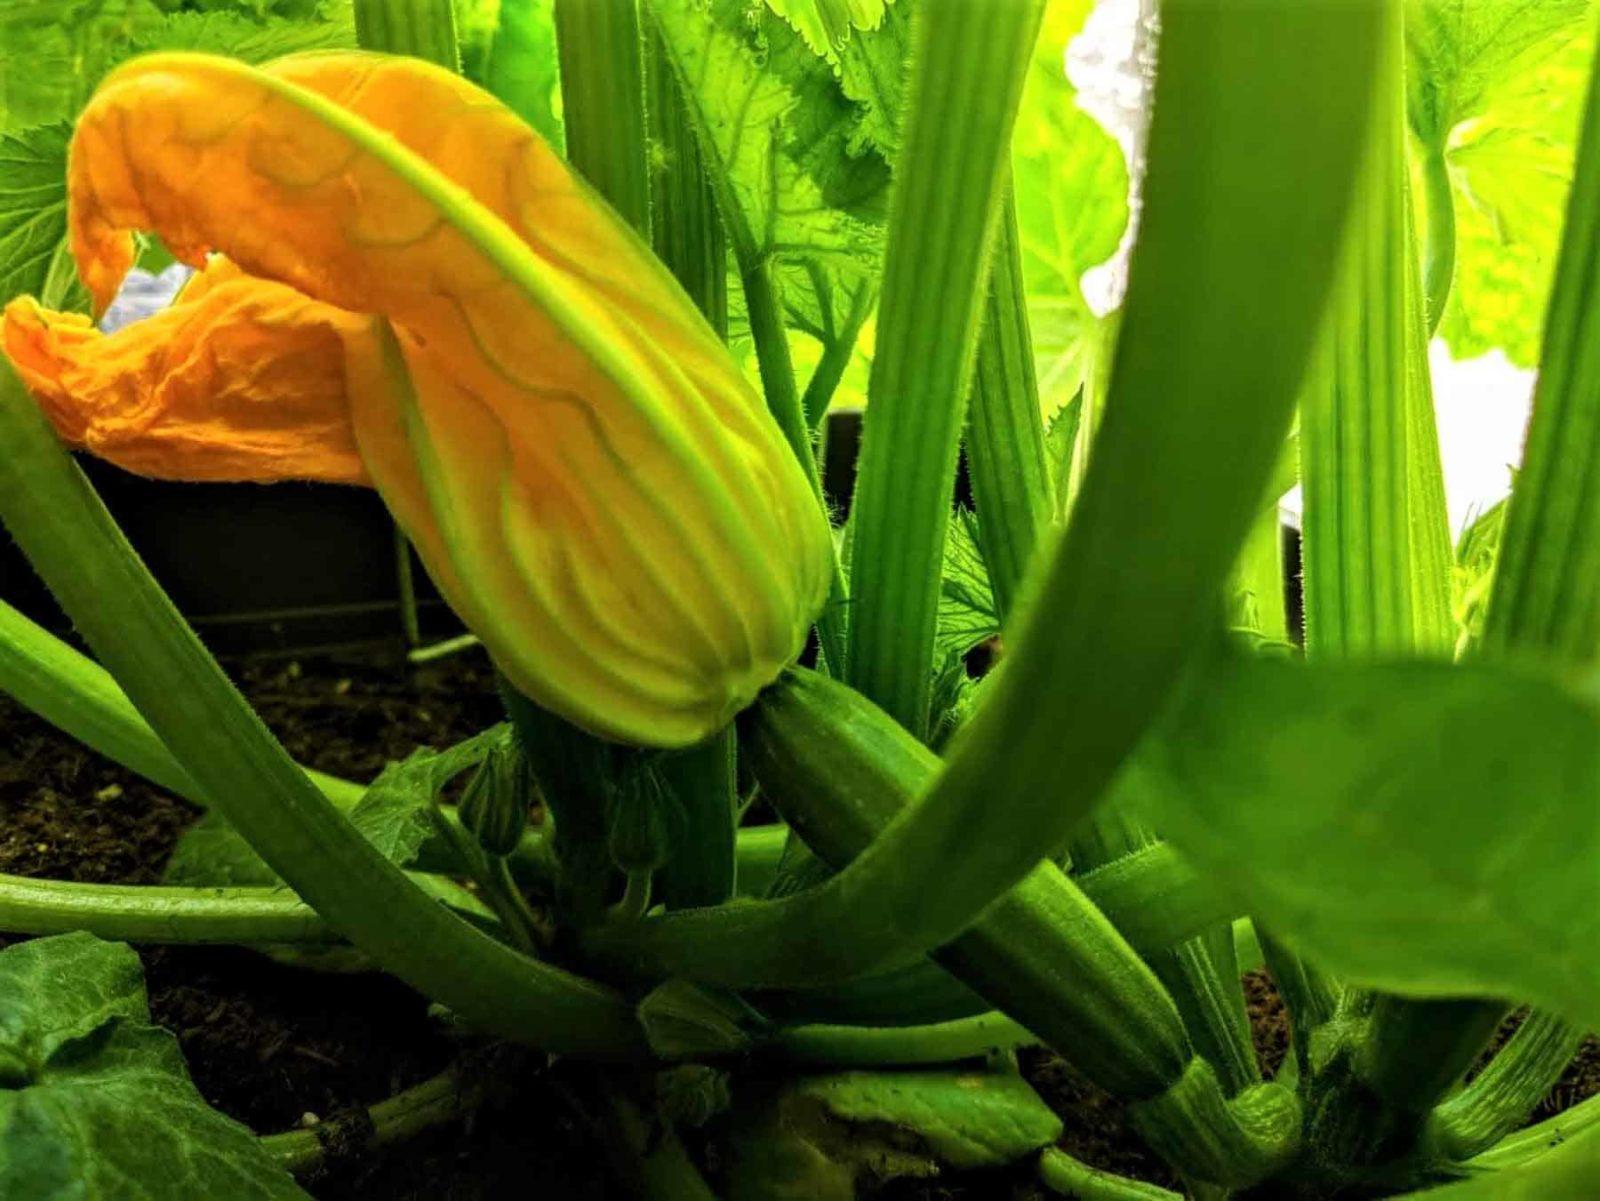 Zucchini Gesunder Alleskönner für Körper und Geist-Titelbild-Bellswelt